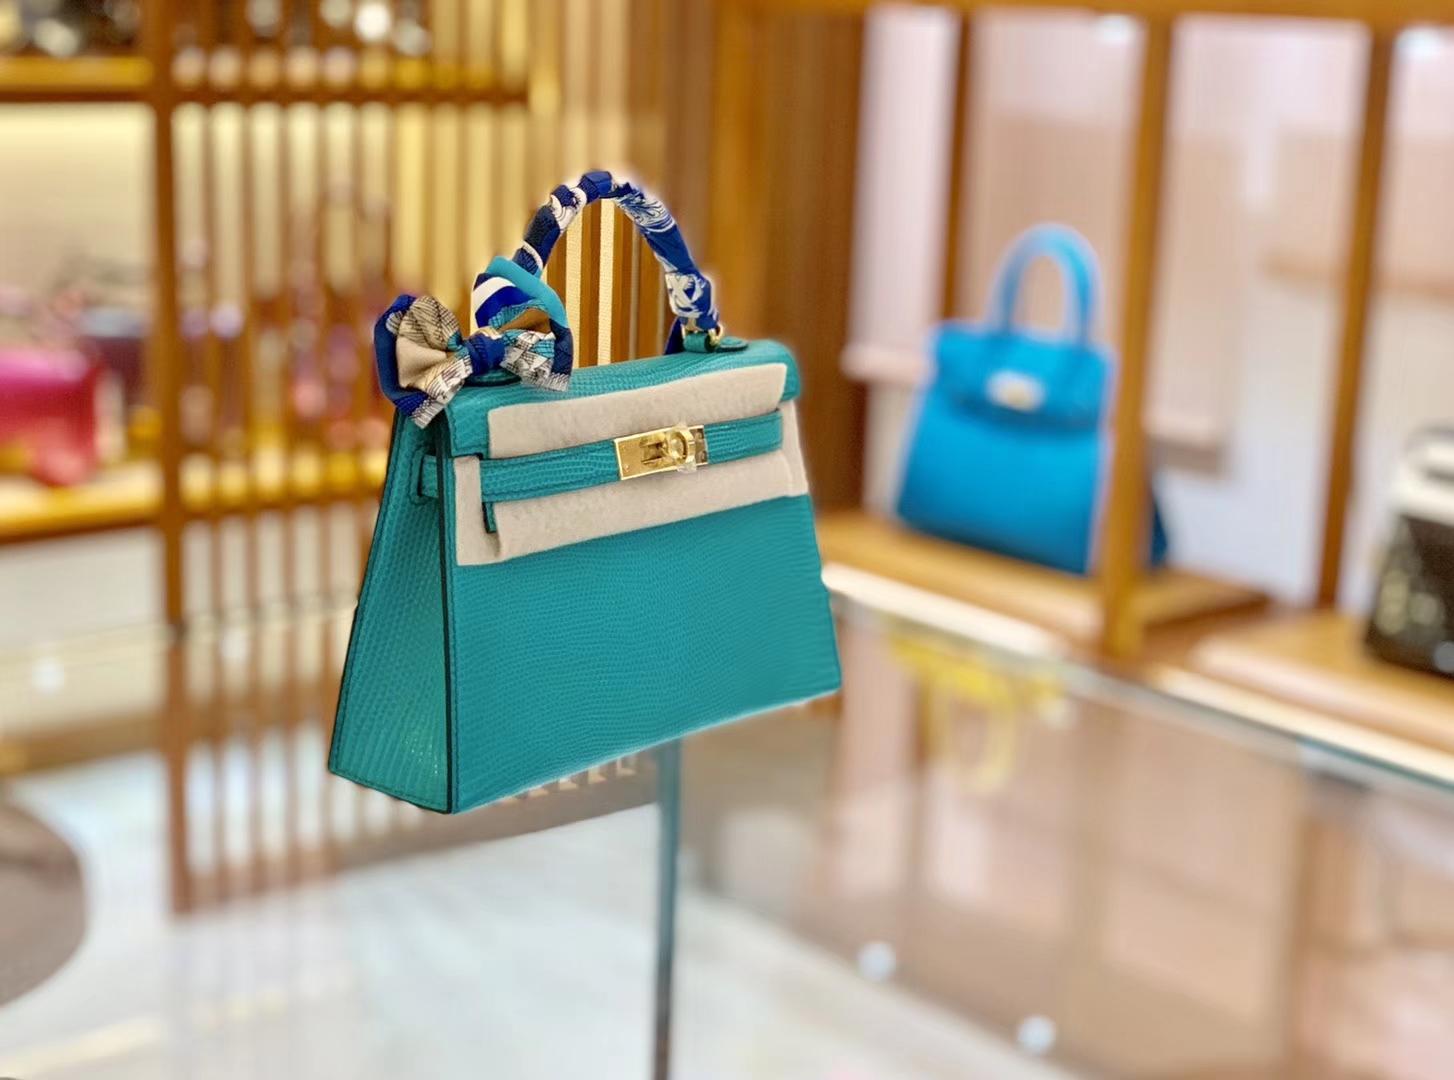 Hermès(爱马仕)Mini kelly 迷你凯莉 维罗纳绿 蜥蜴皮 臻品级别 金扣 19cm